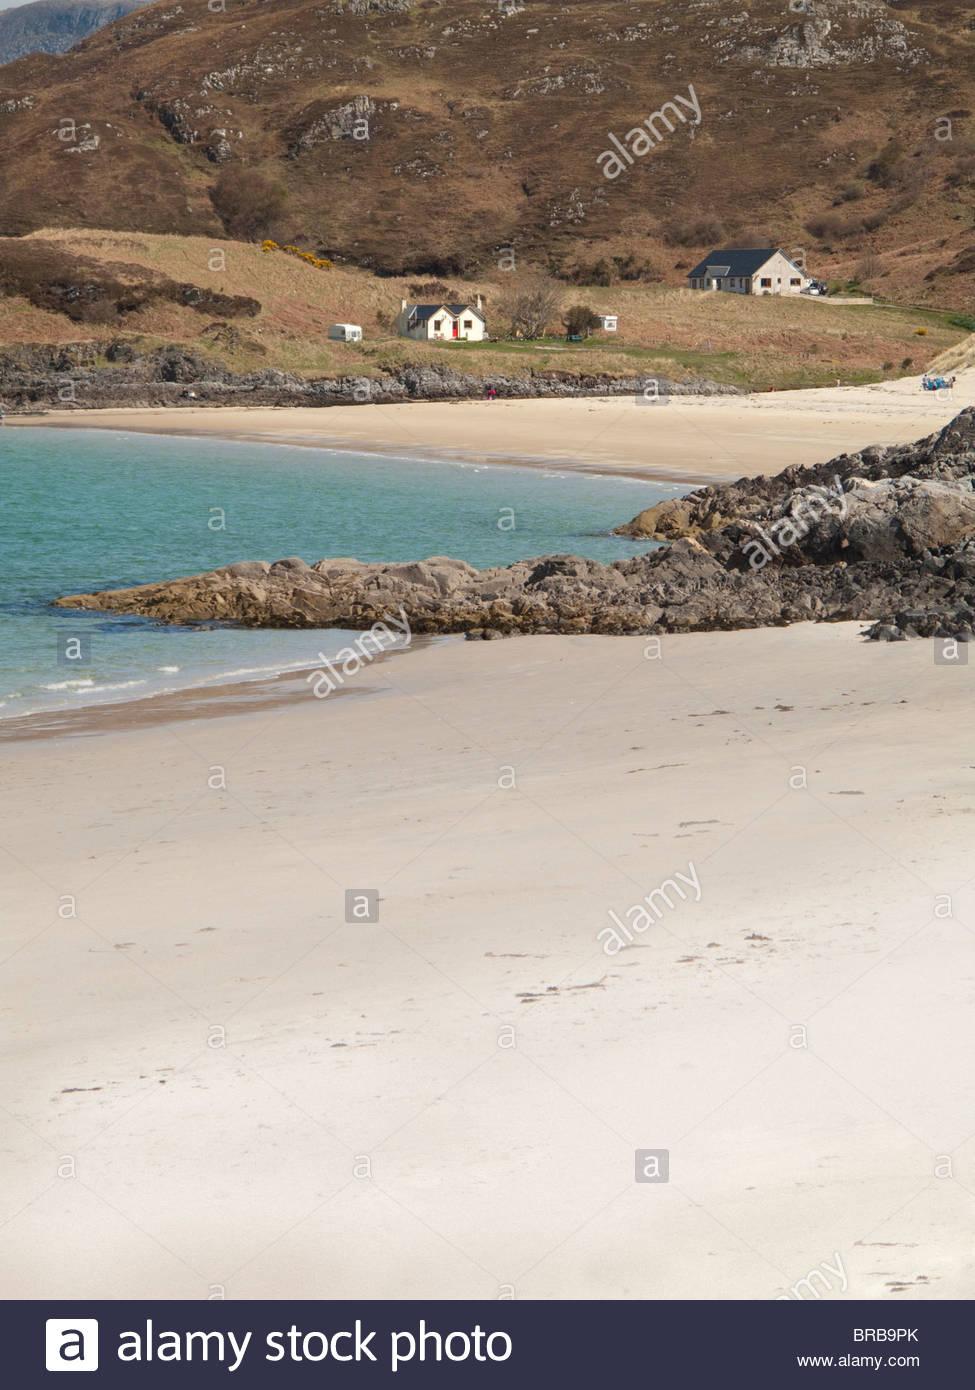 Houses near ocean beach - Stock Image